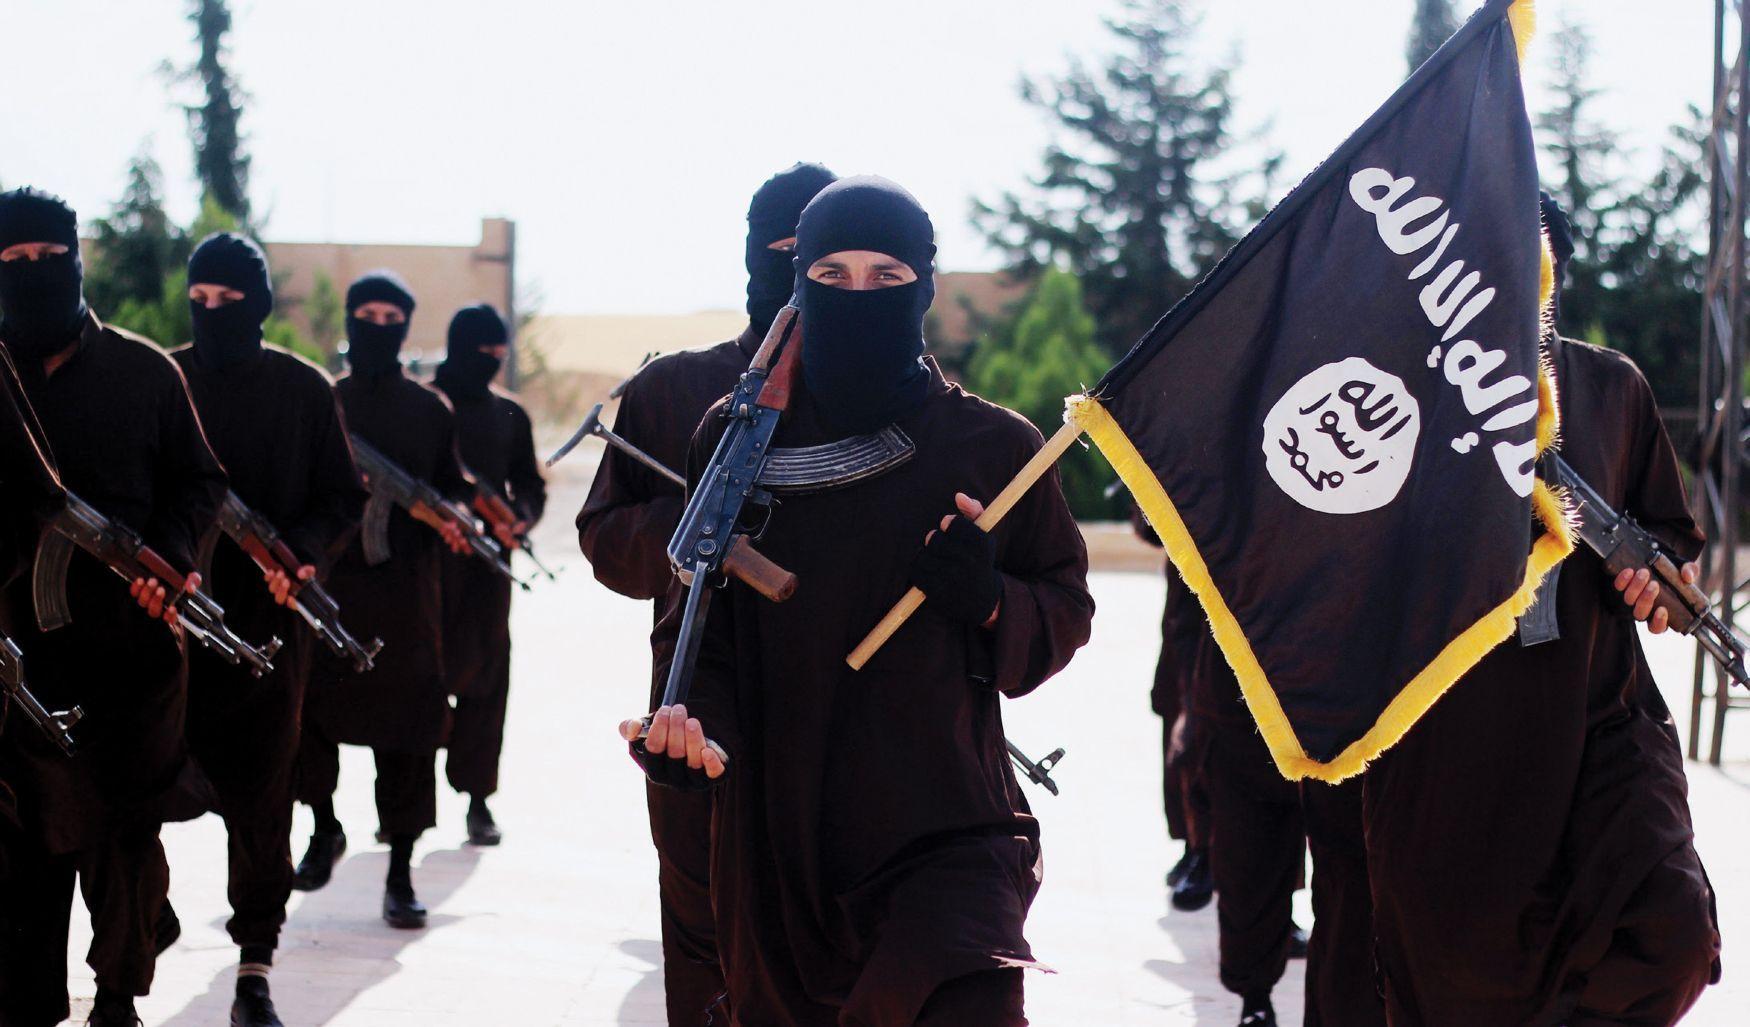 фото флаги аль каиды этого